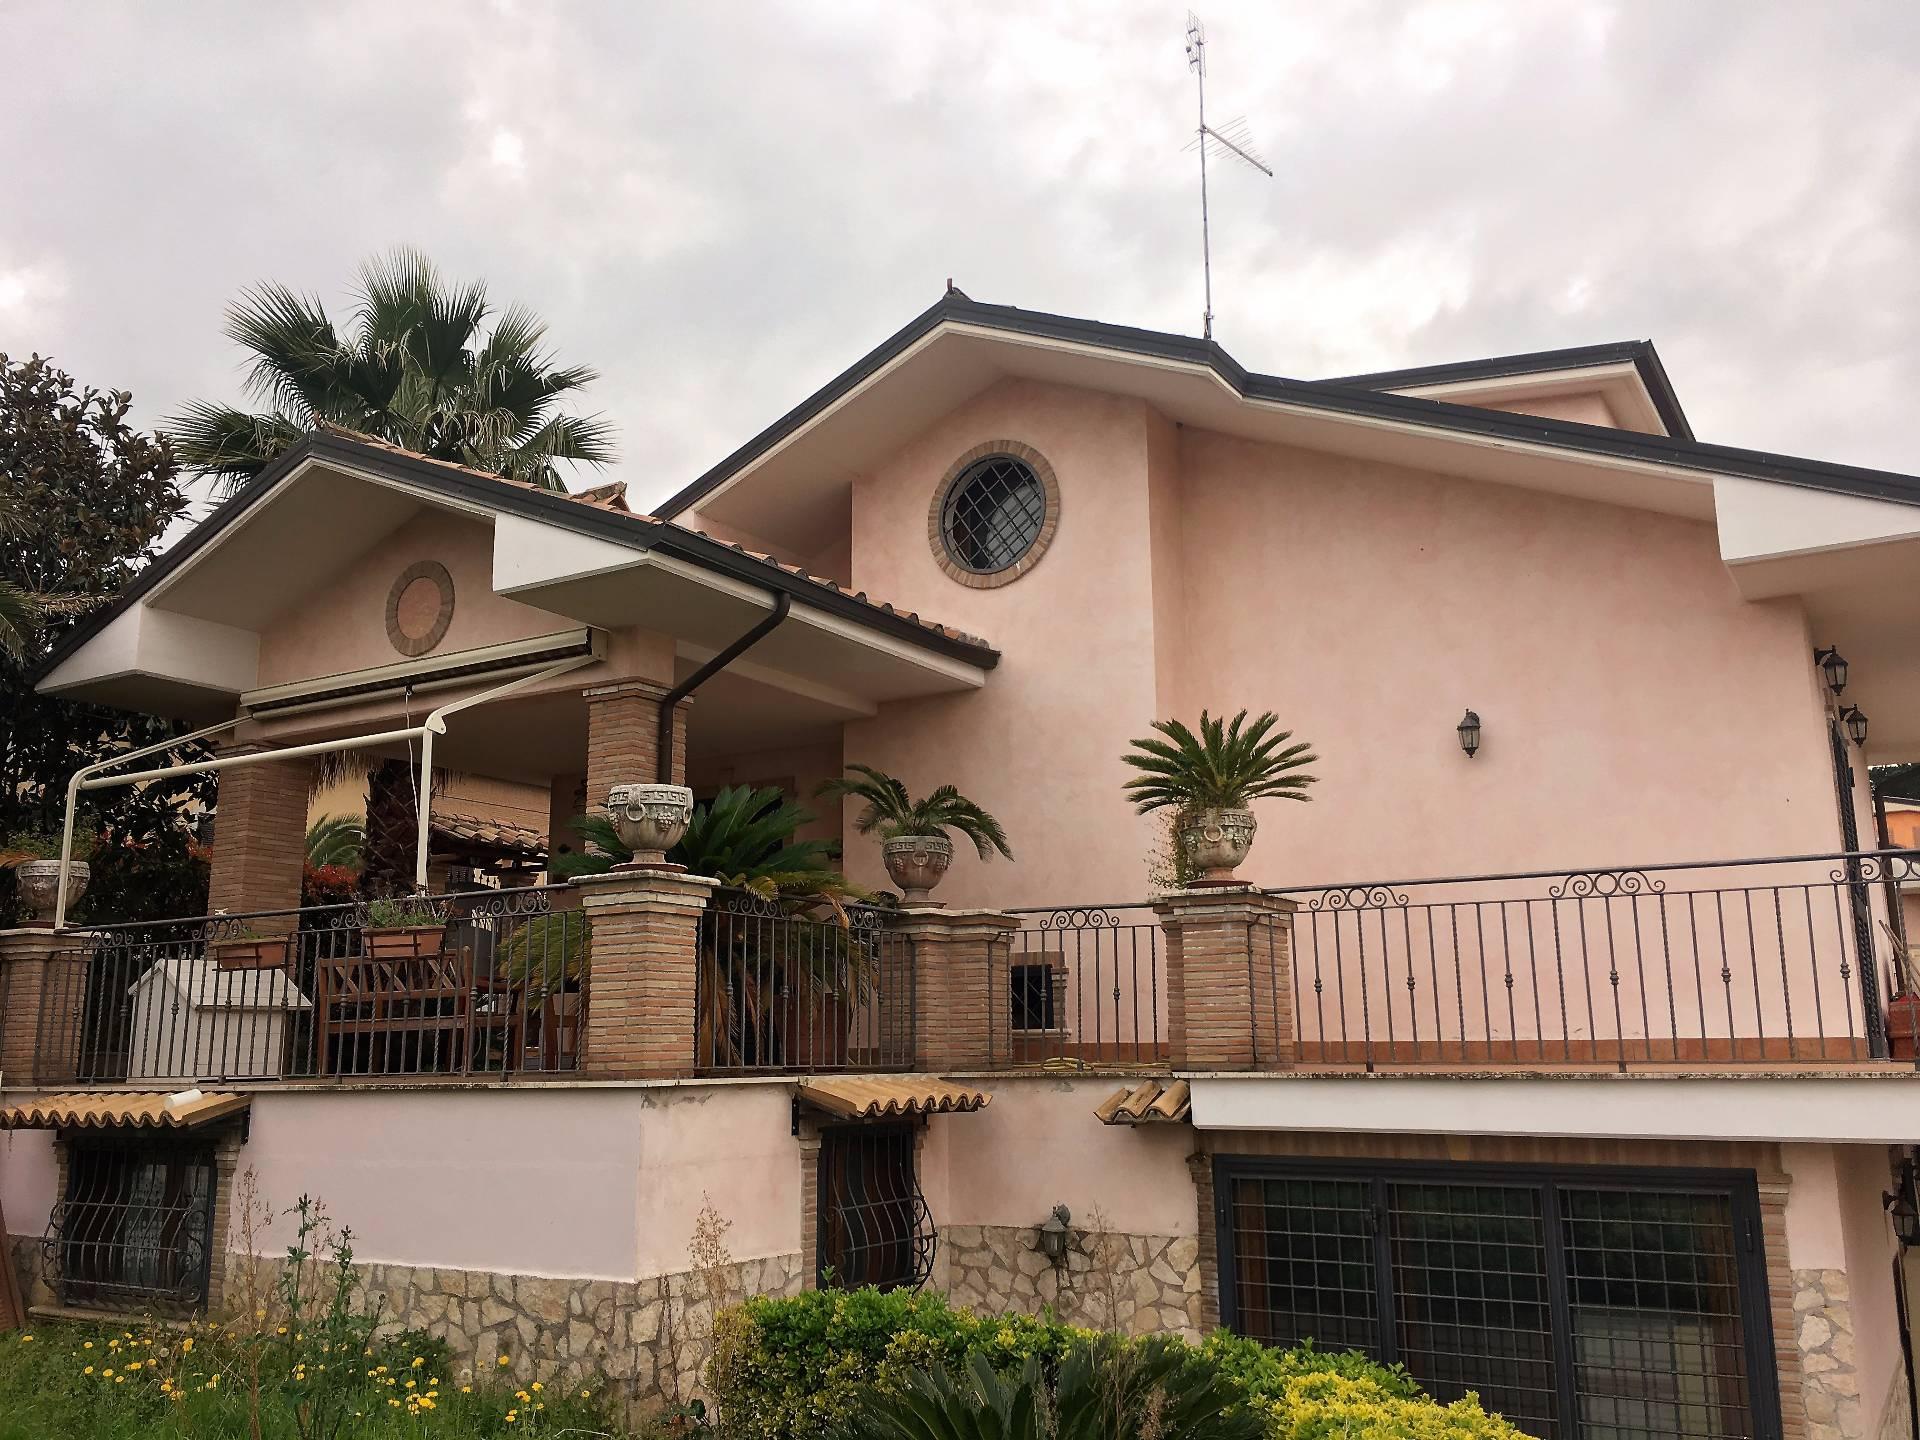 Villa in vendita a Fonte Nuova, 5 locali, zona Località: TorLupara, prezzo € 399.000   CambioCasa.it